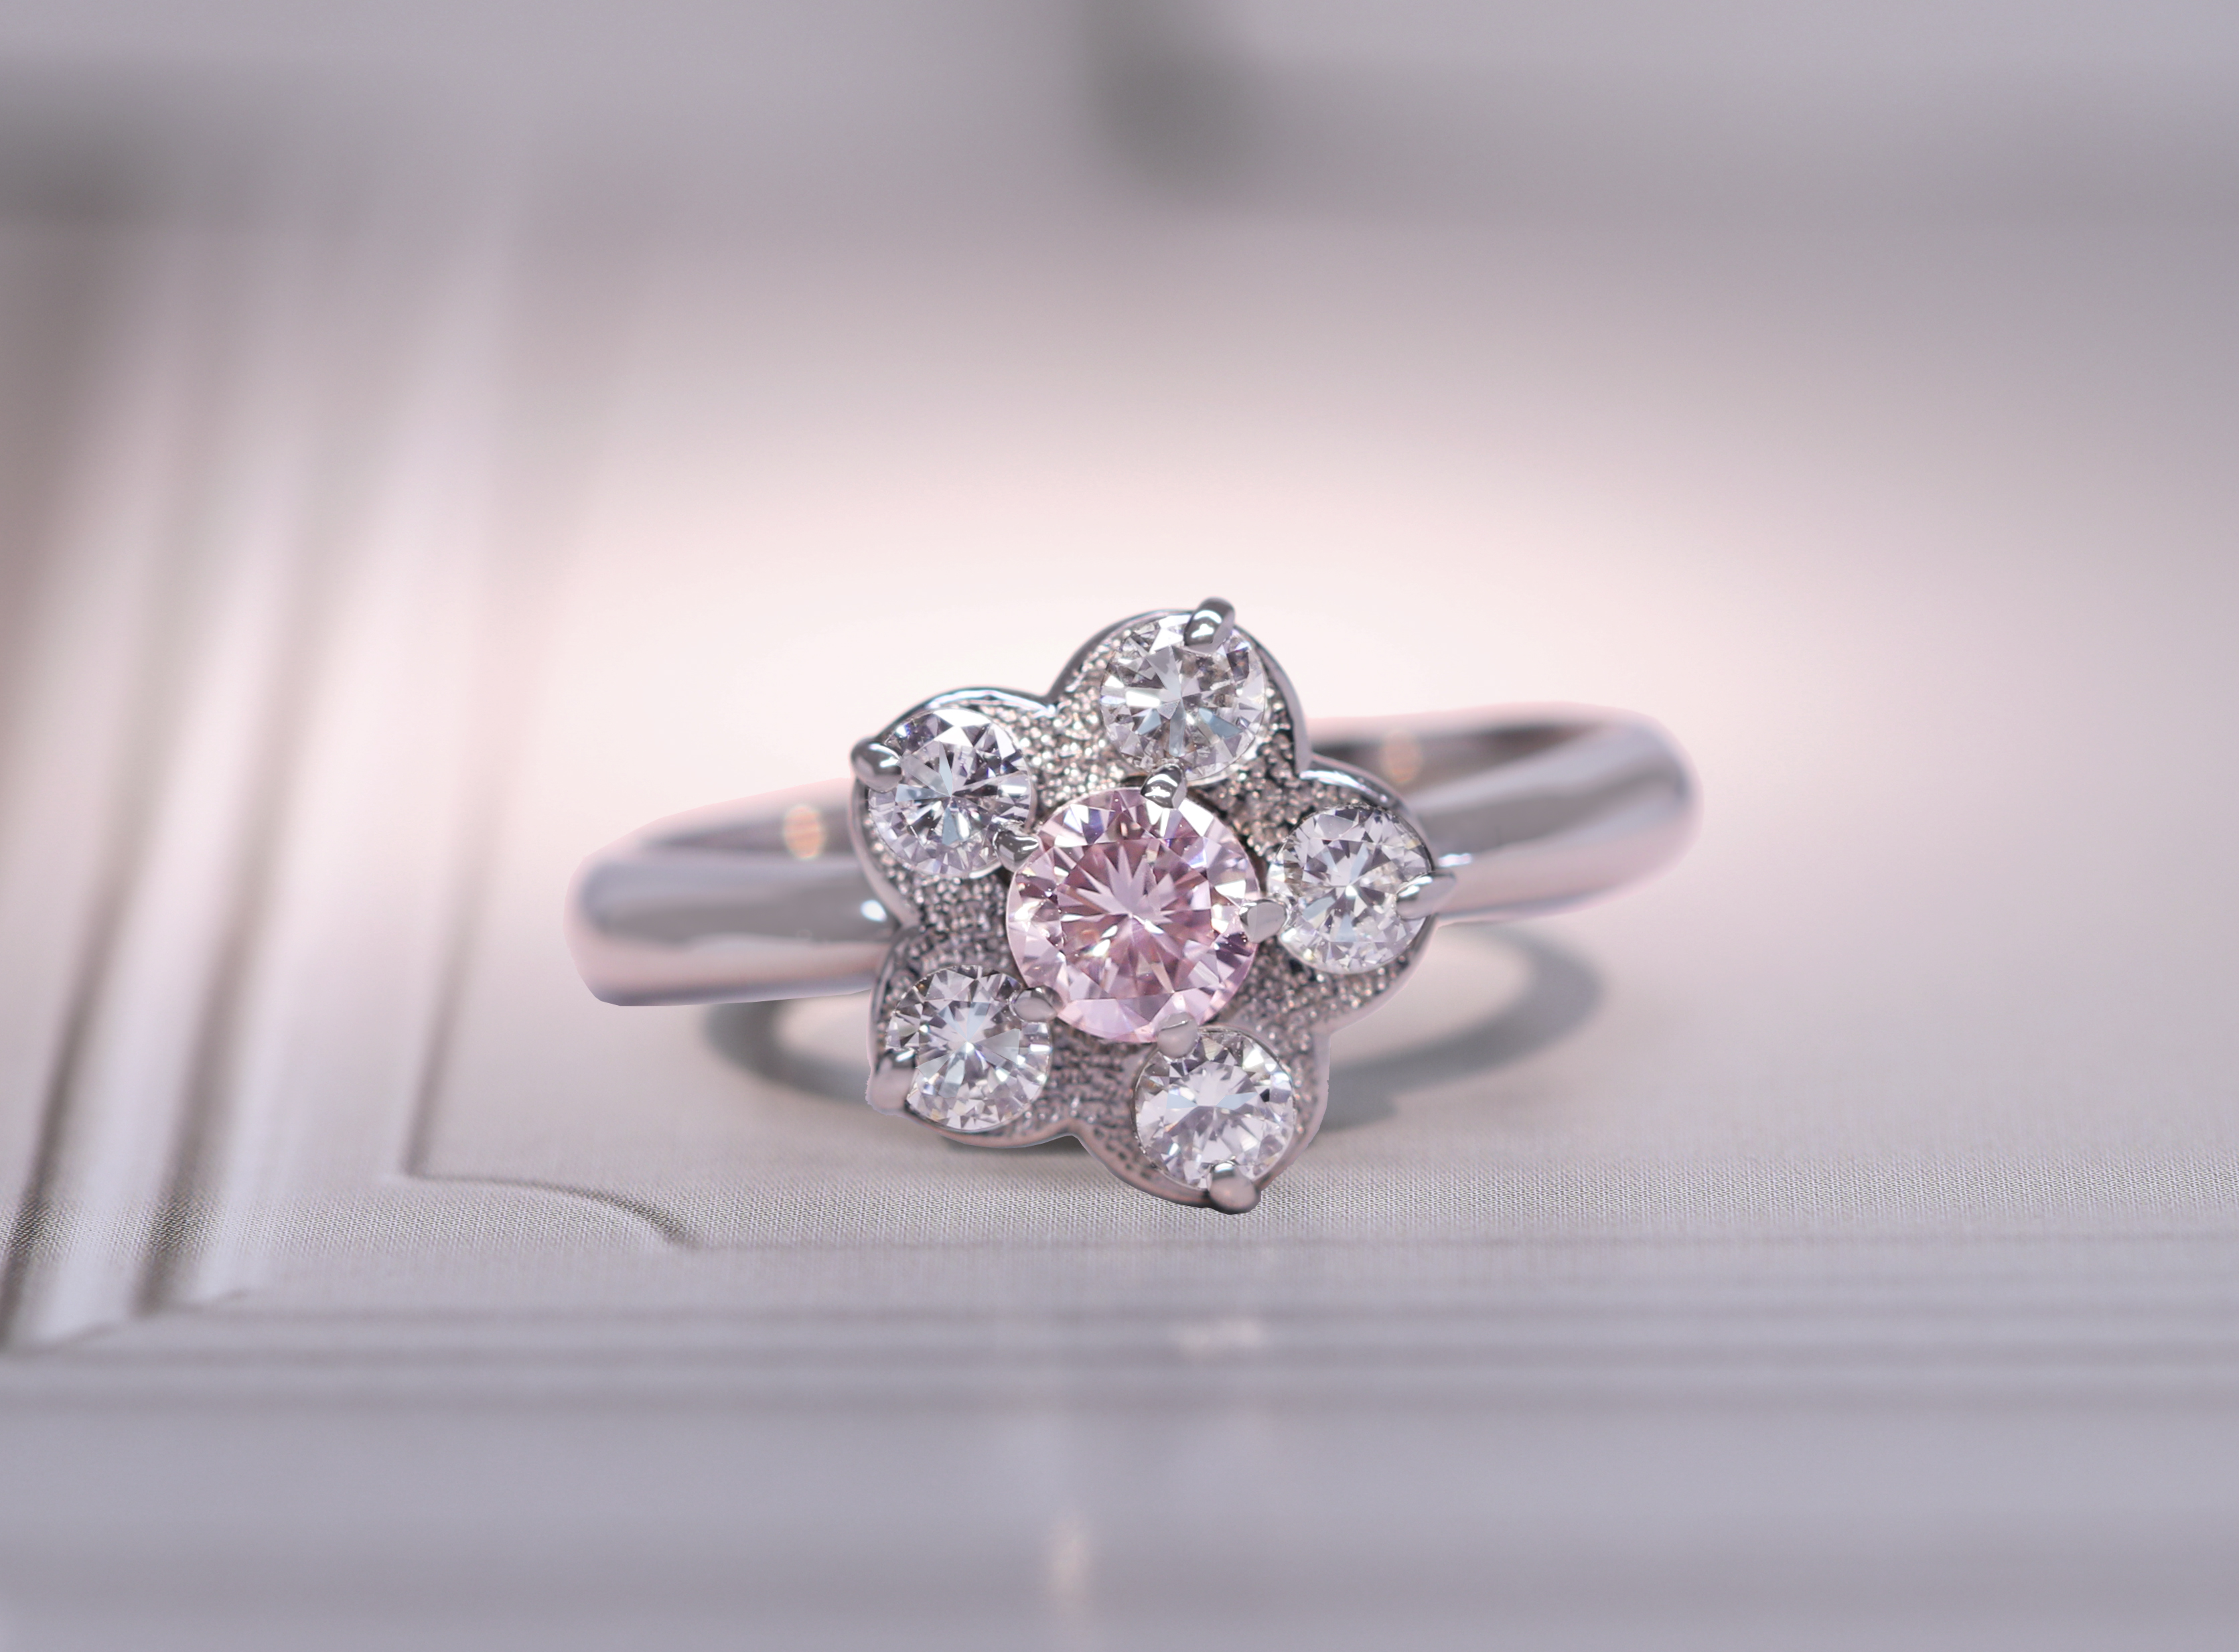 ピンクダイヤモンド カラーダイヤモンド ダイヤモンド 天然 ナチュラル 希少 レアPT900 0.314ct LIGHT PINK SI2 ピンクダイヤモンド リング 0.67ctダイヤモンド ※AGTソーティングシート付